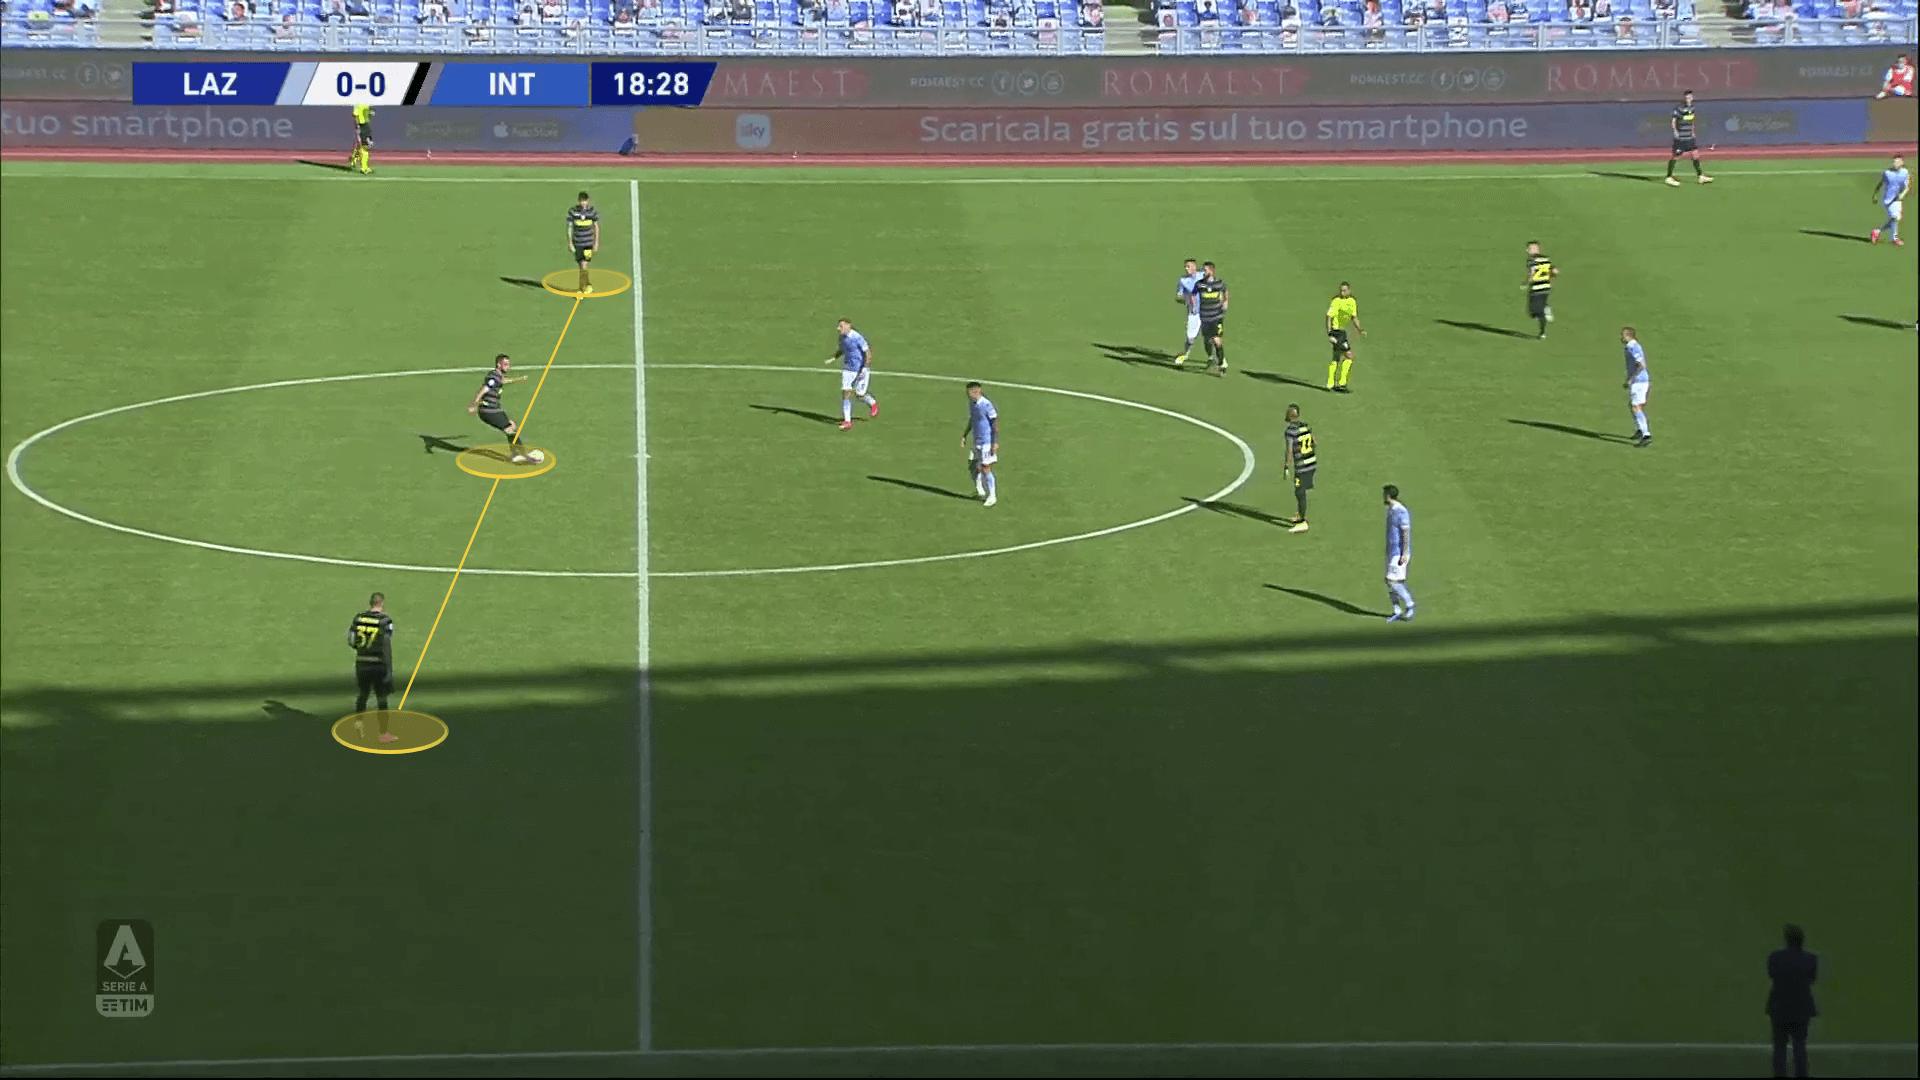 Serie A 2020/21: Inter vs Milan - tactical preview tactics